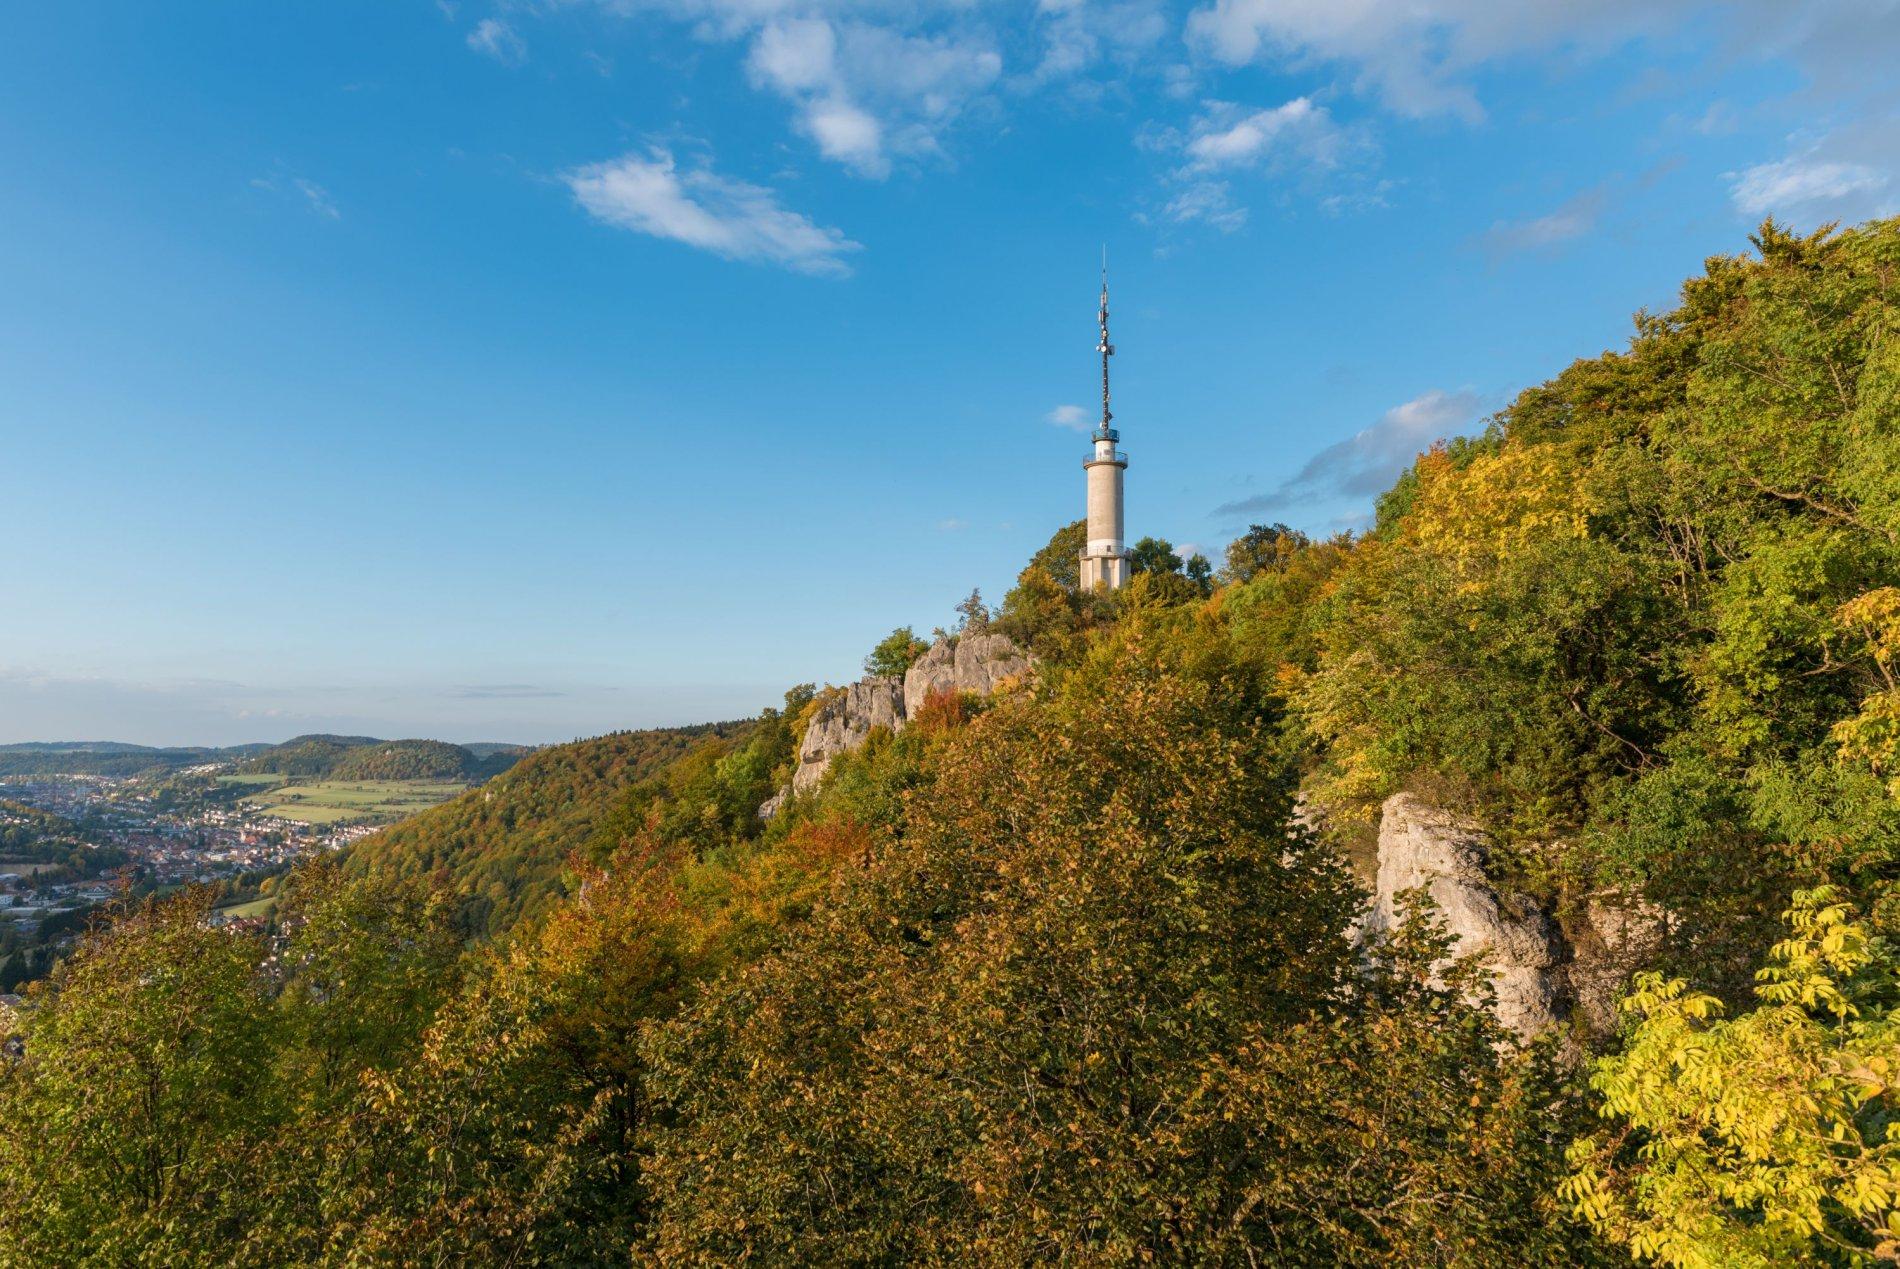 Schlossfelsenturm in Albstadt-Ebingen